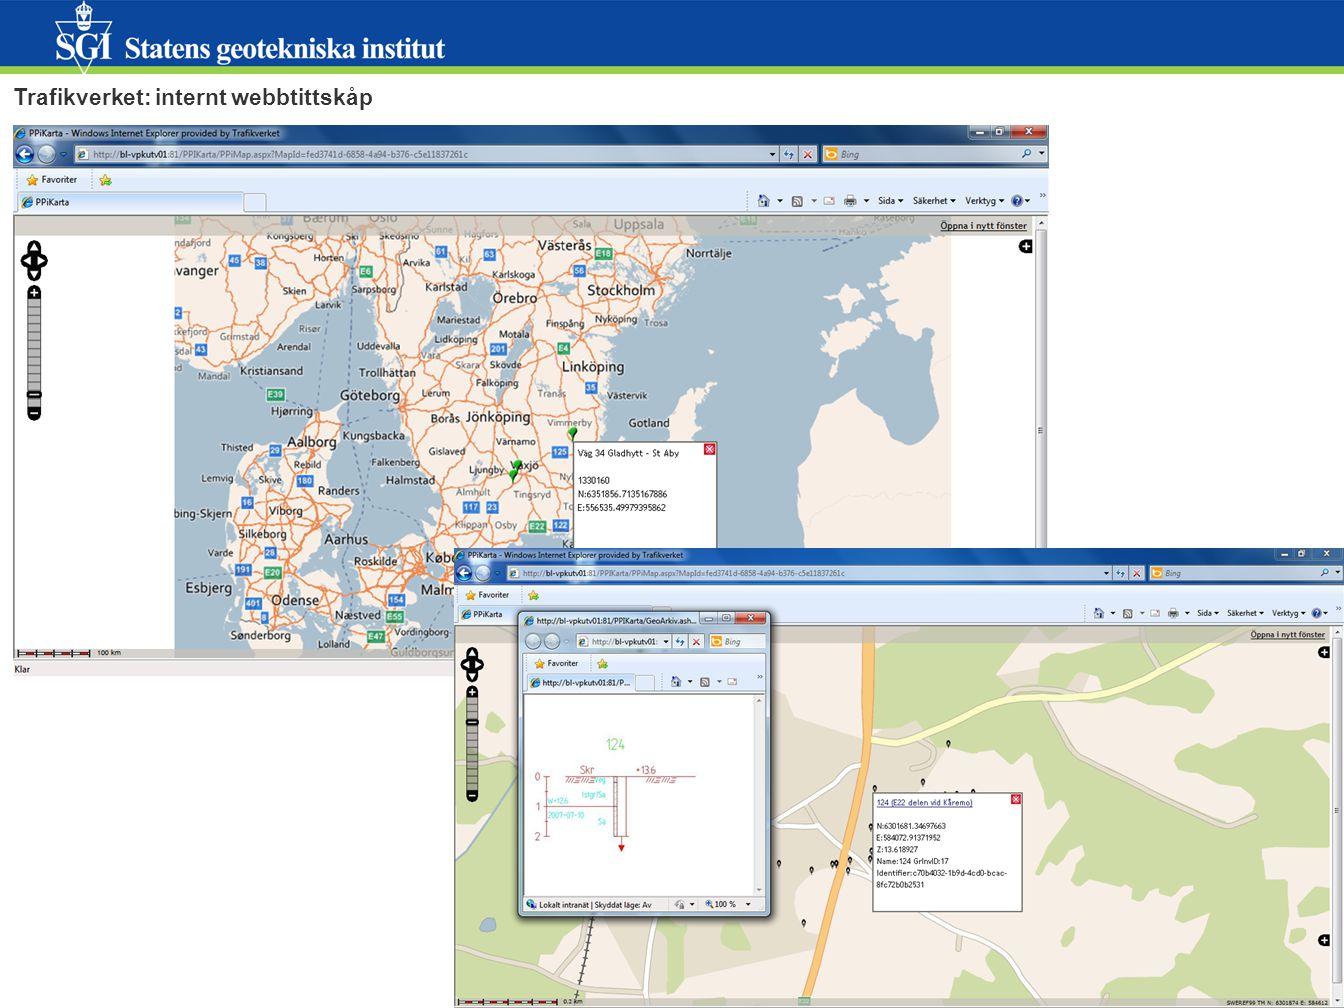 Trafikverket: internt webbtittskåp